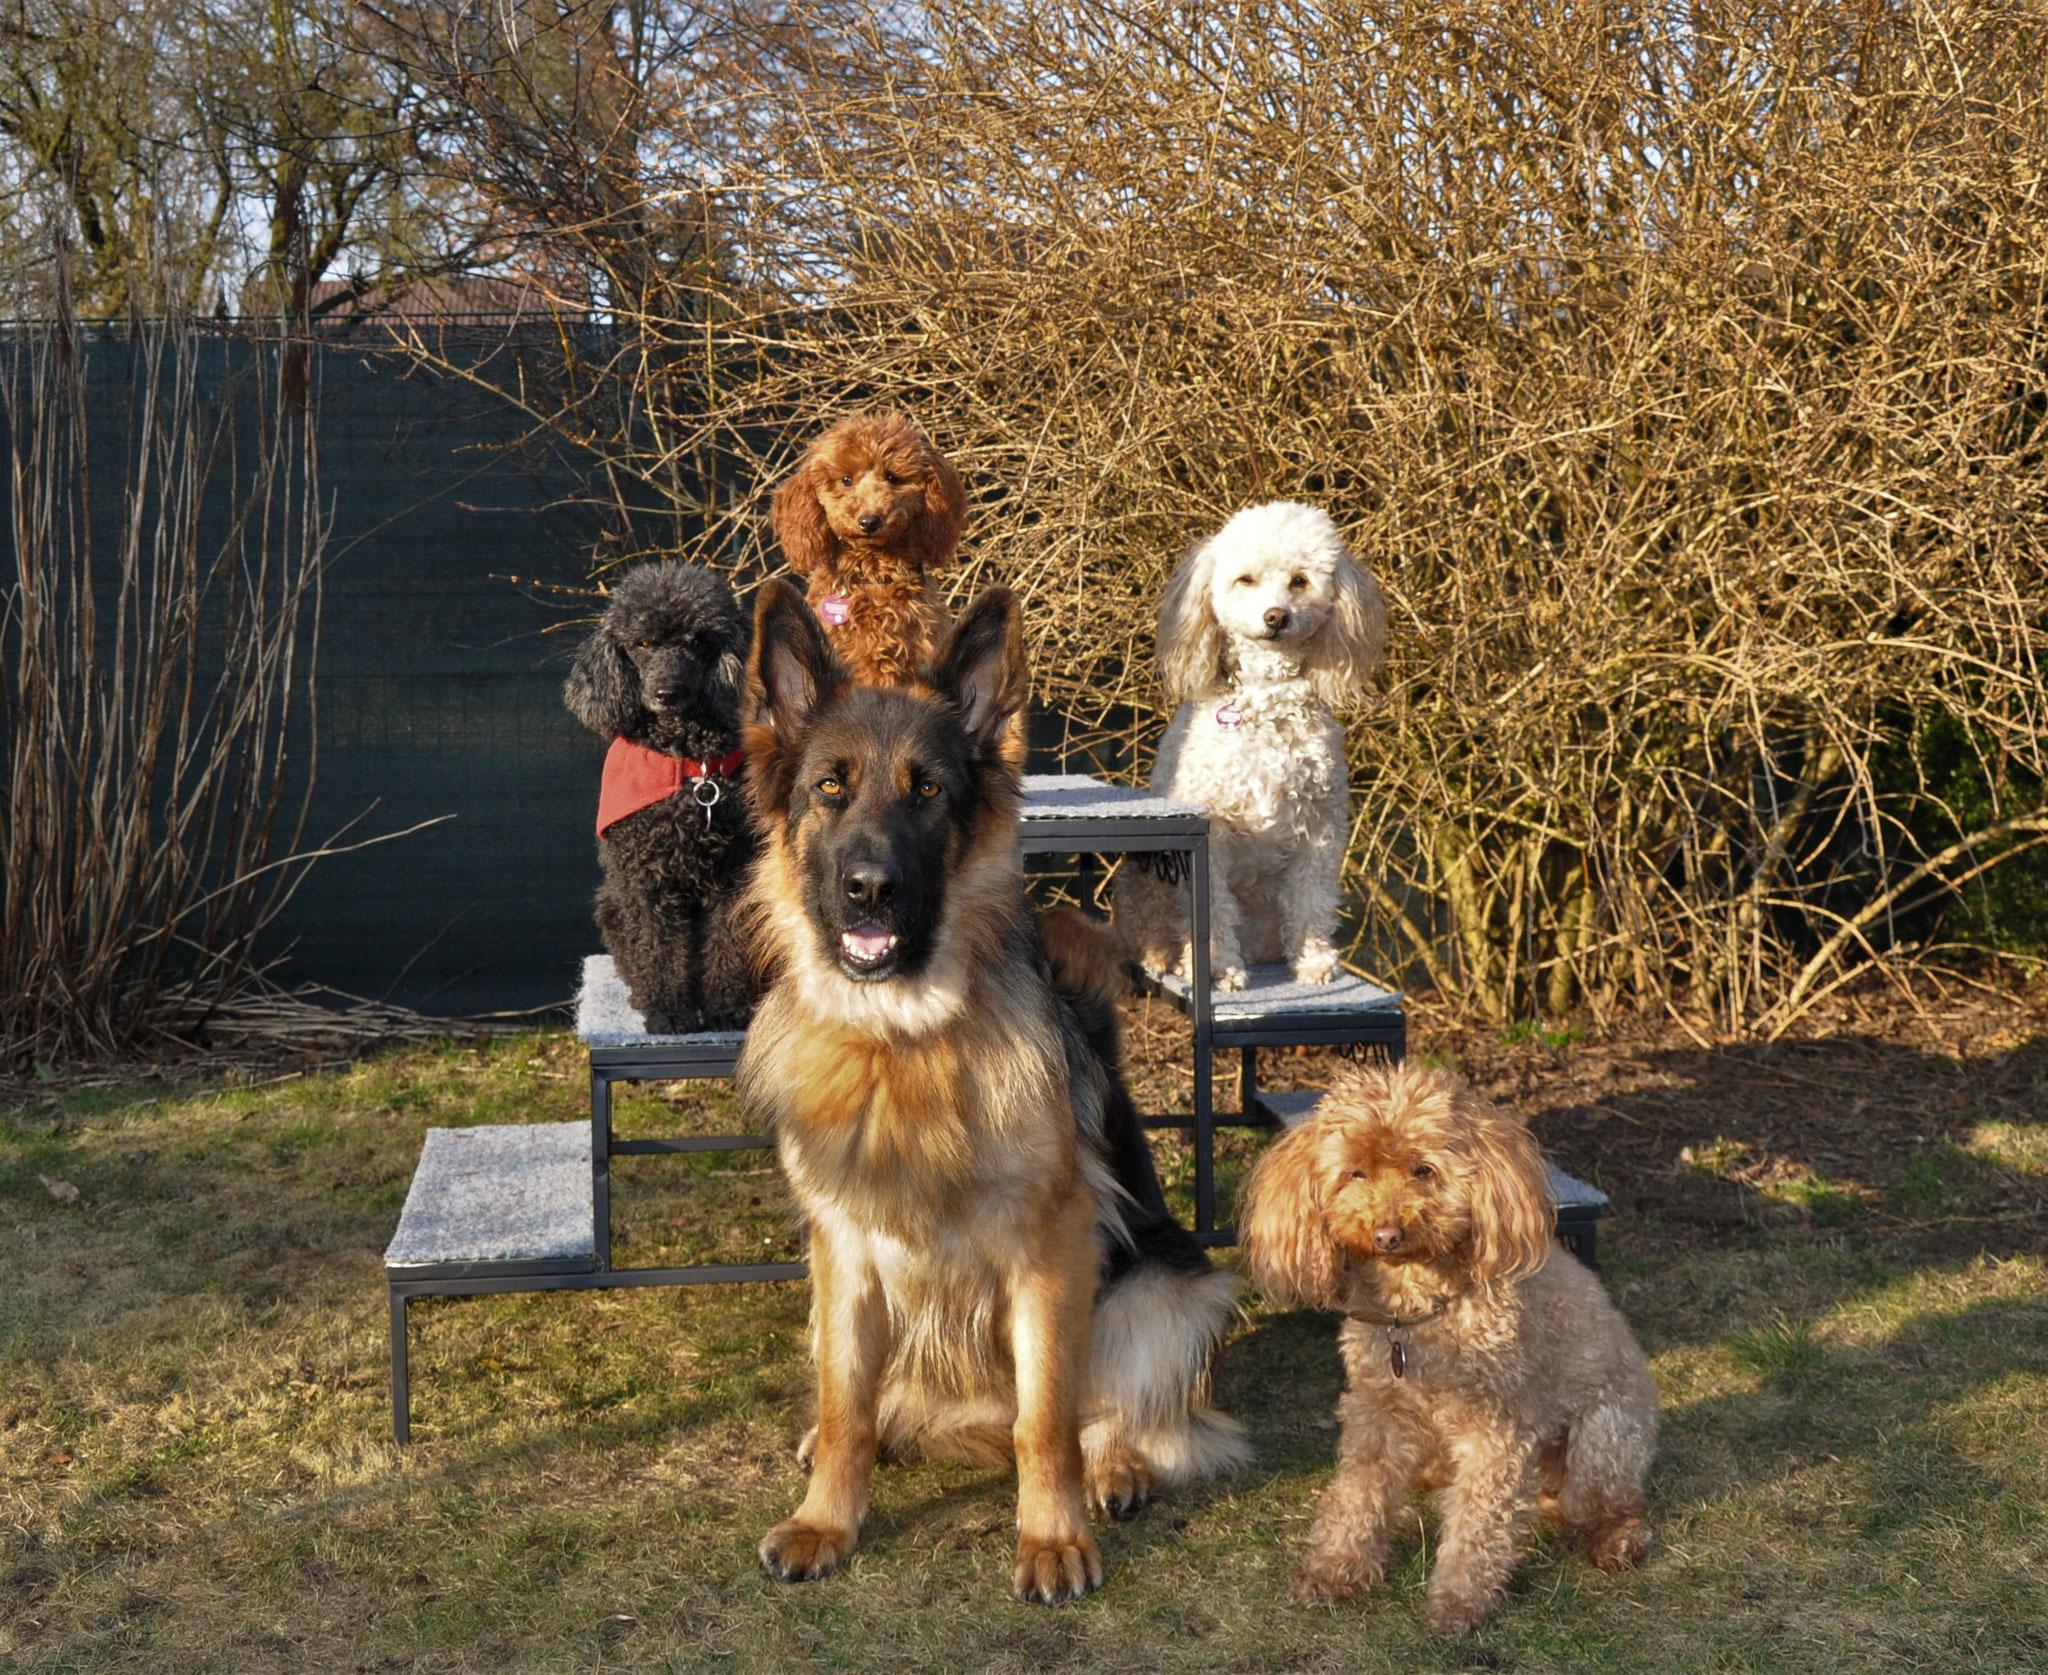 Ich war so stolz auf mein tolles Team, 5 Großartige Hunde!